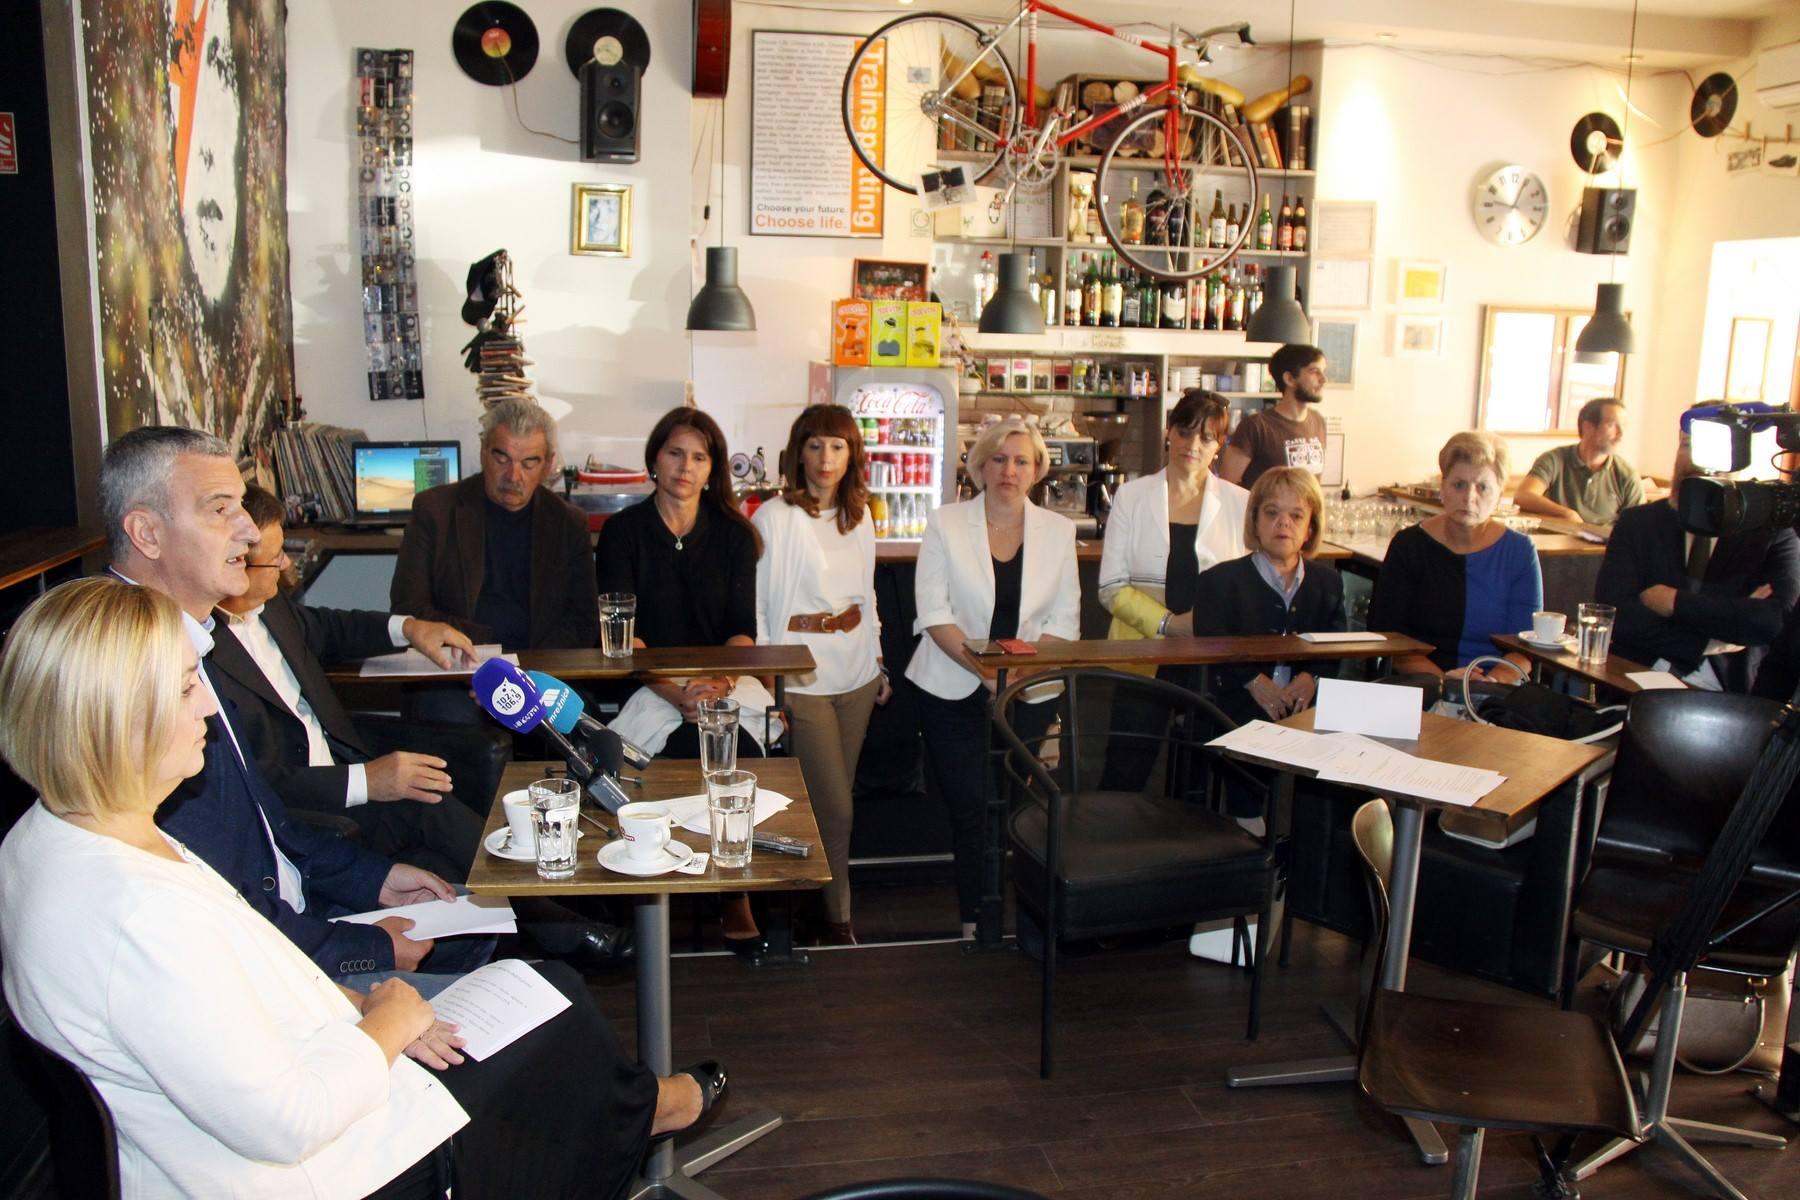 Konferencija za medije gradonačelnika Damira Mandića u Ziggy baru, Karlovac, 6. 9. 2017. Izvor: službeni facebook profil gradonačelnika